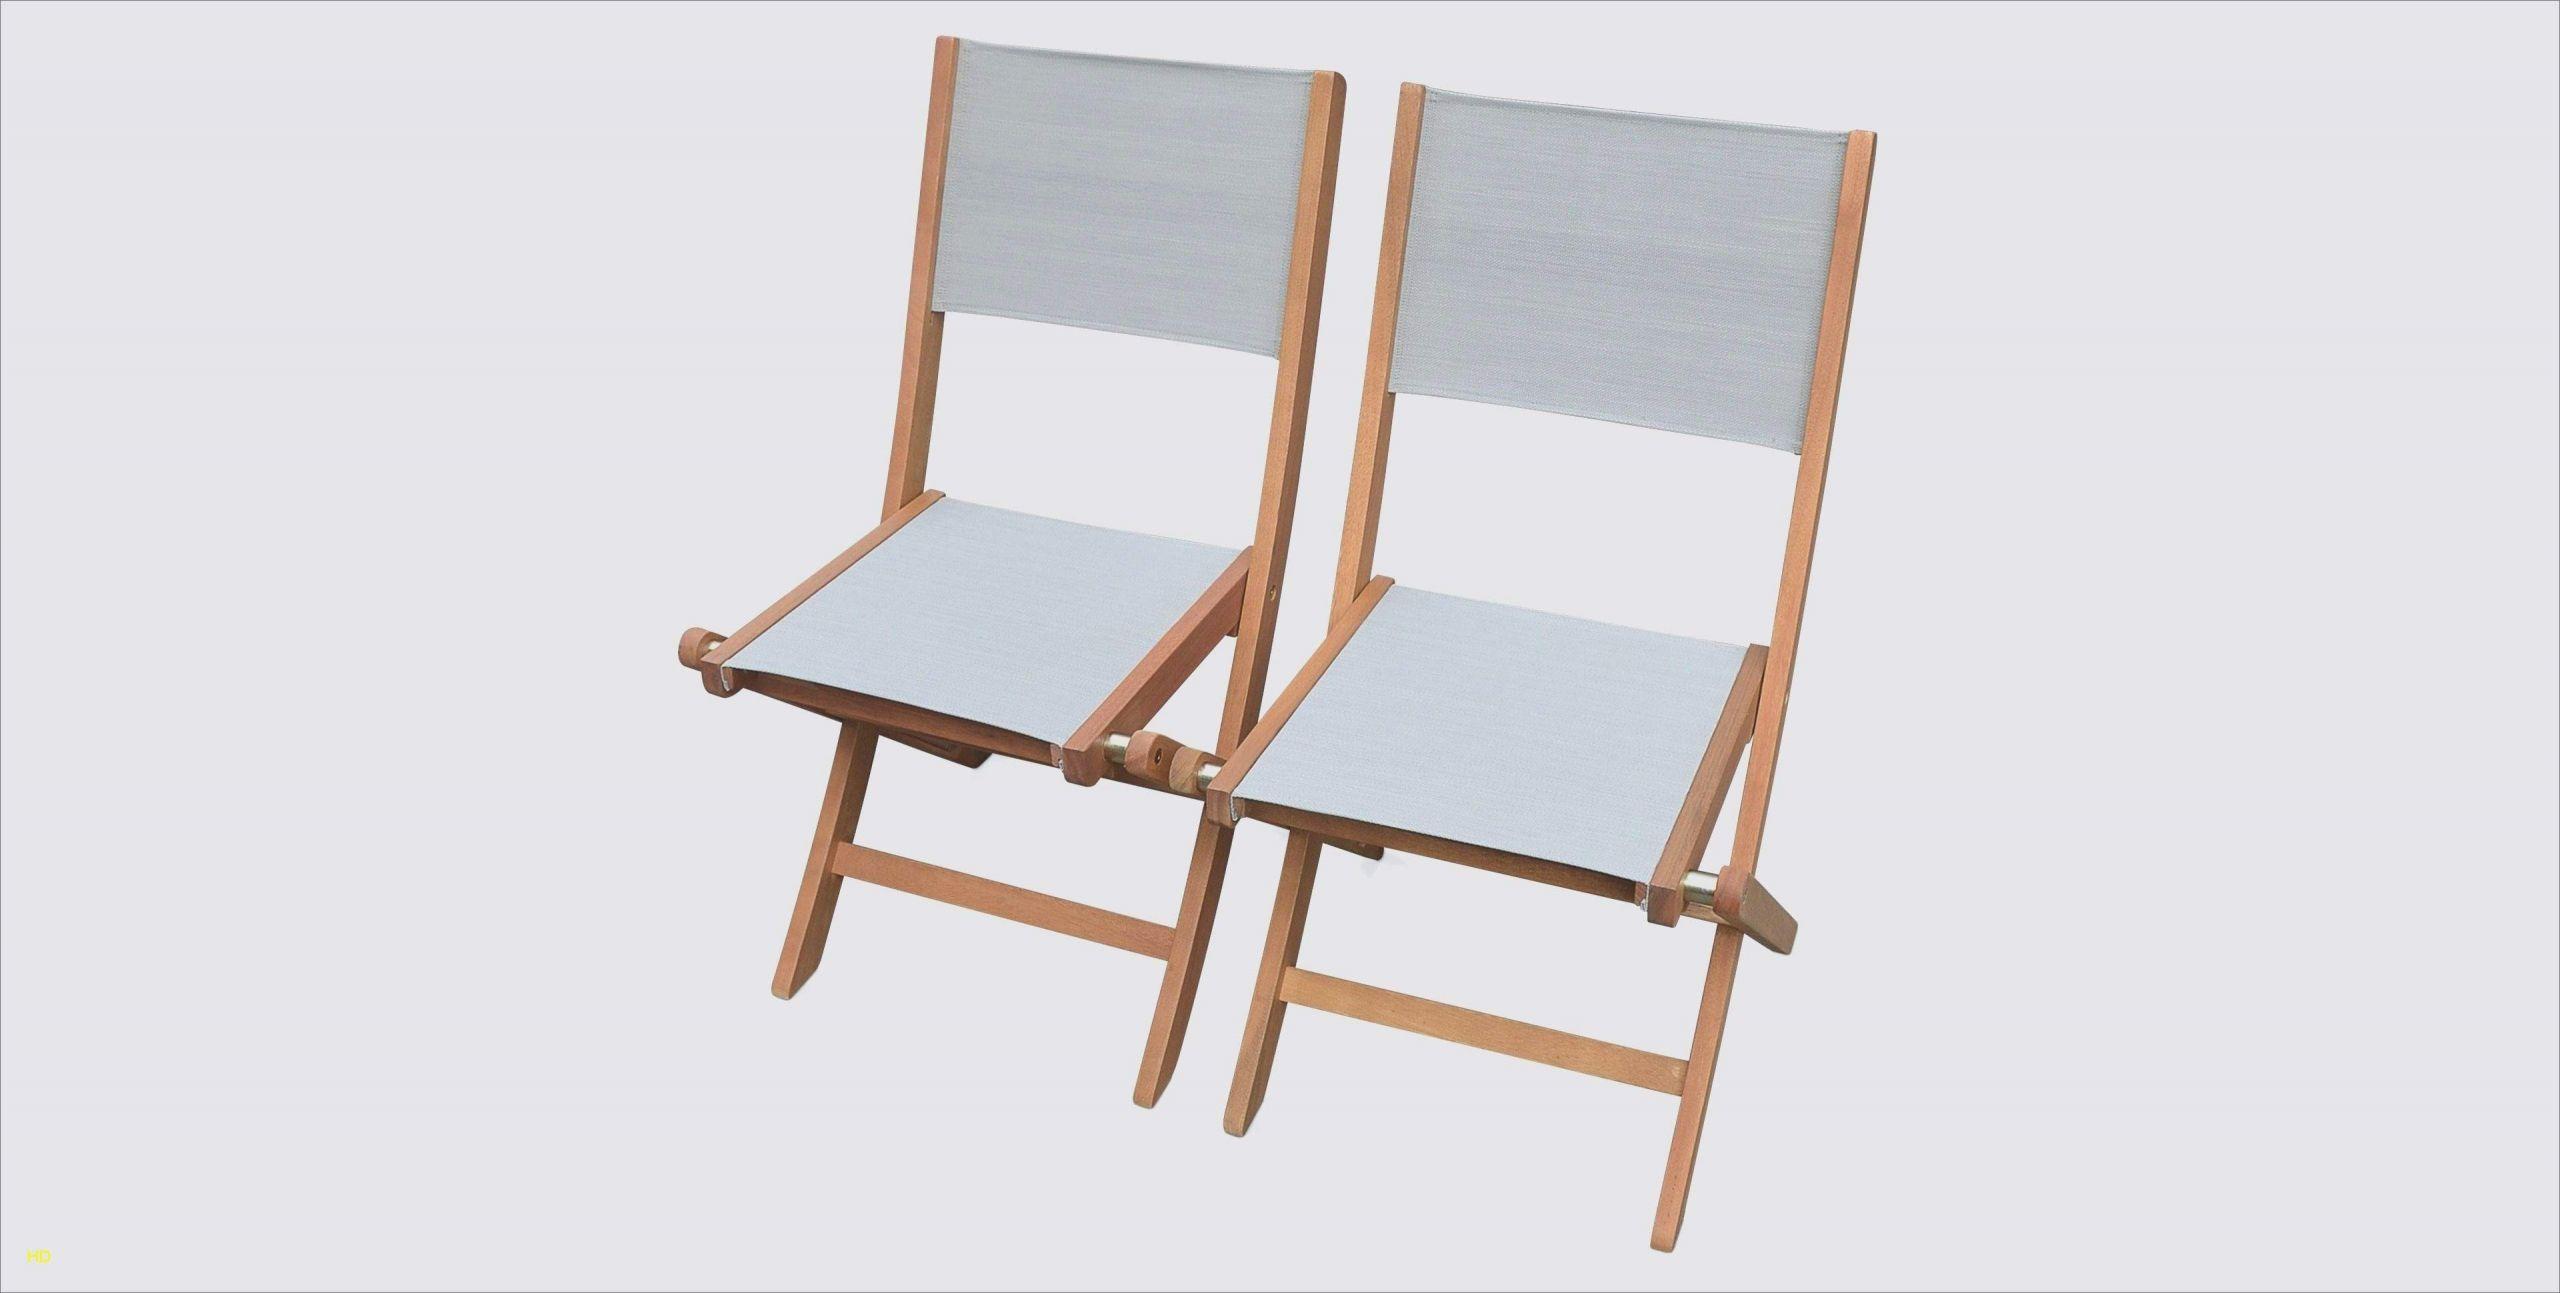 table rallonge papillon elegant impressionnant table de jardin avec rallonge table jardin chaises of table rallonge papillon